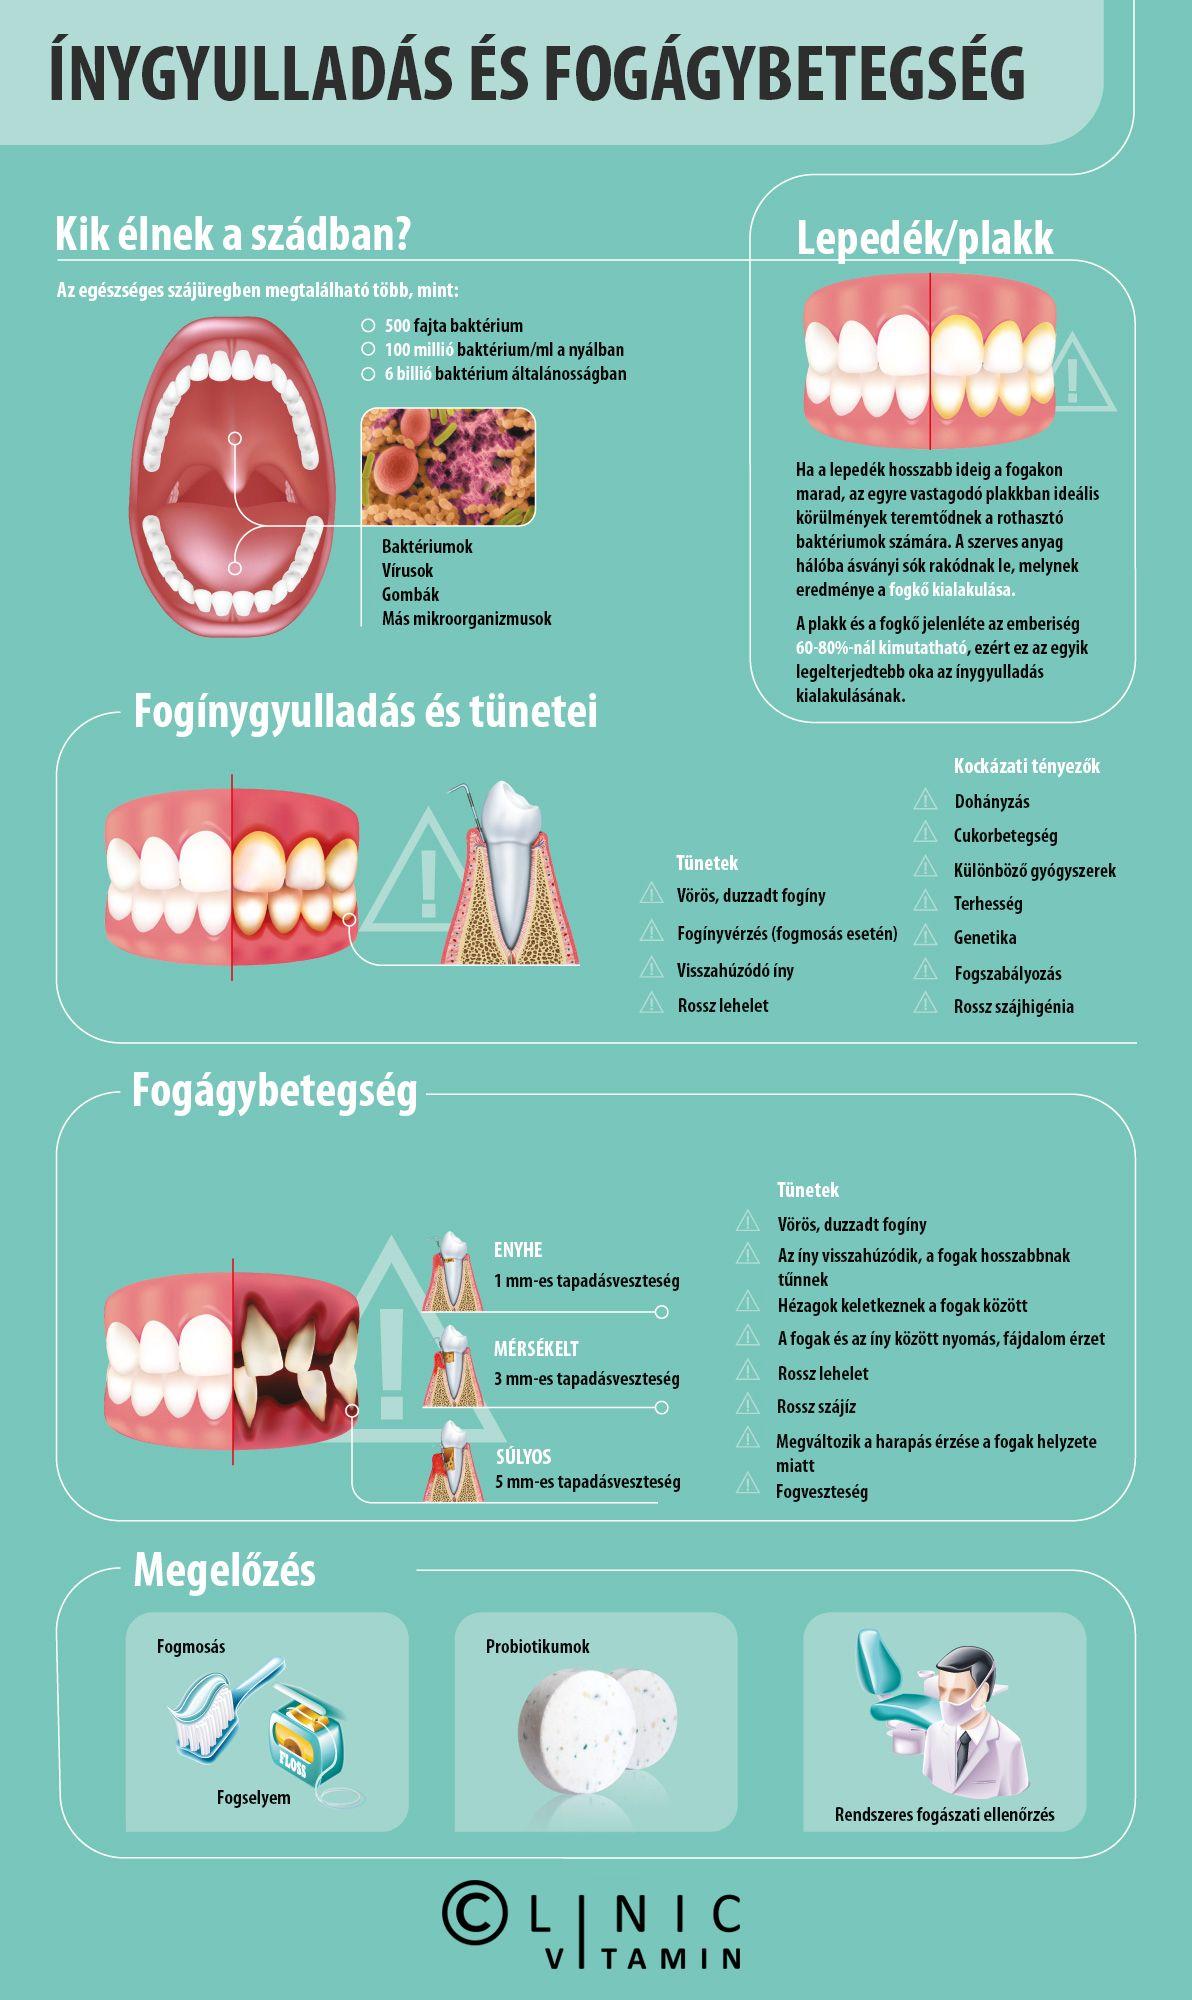 rossz lehelet periodontitis